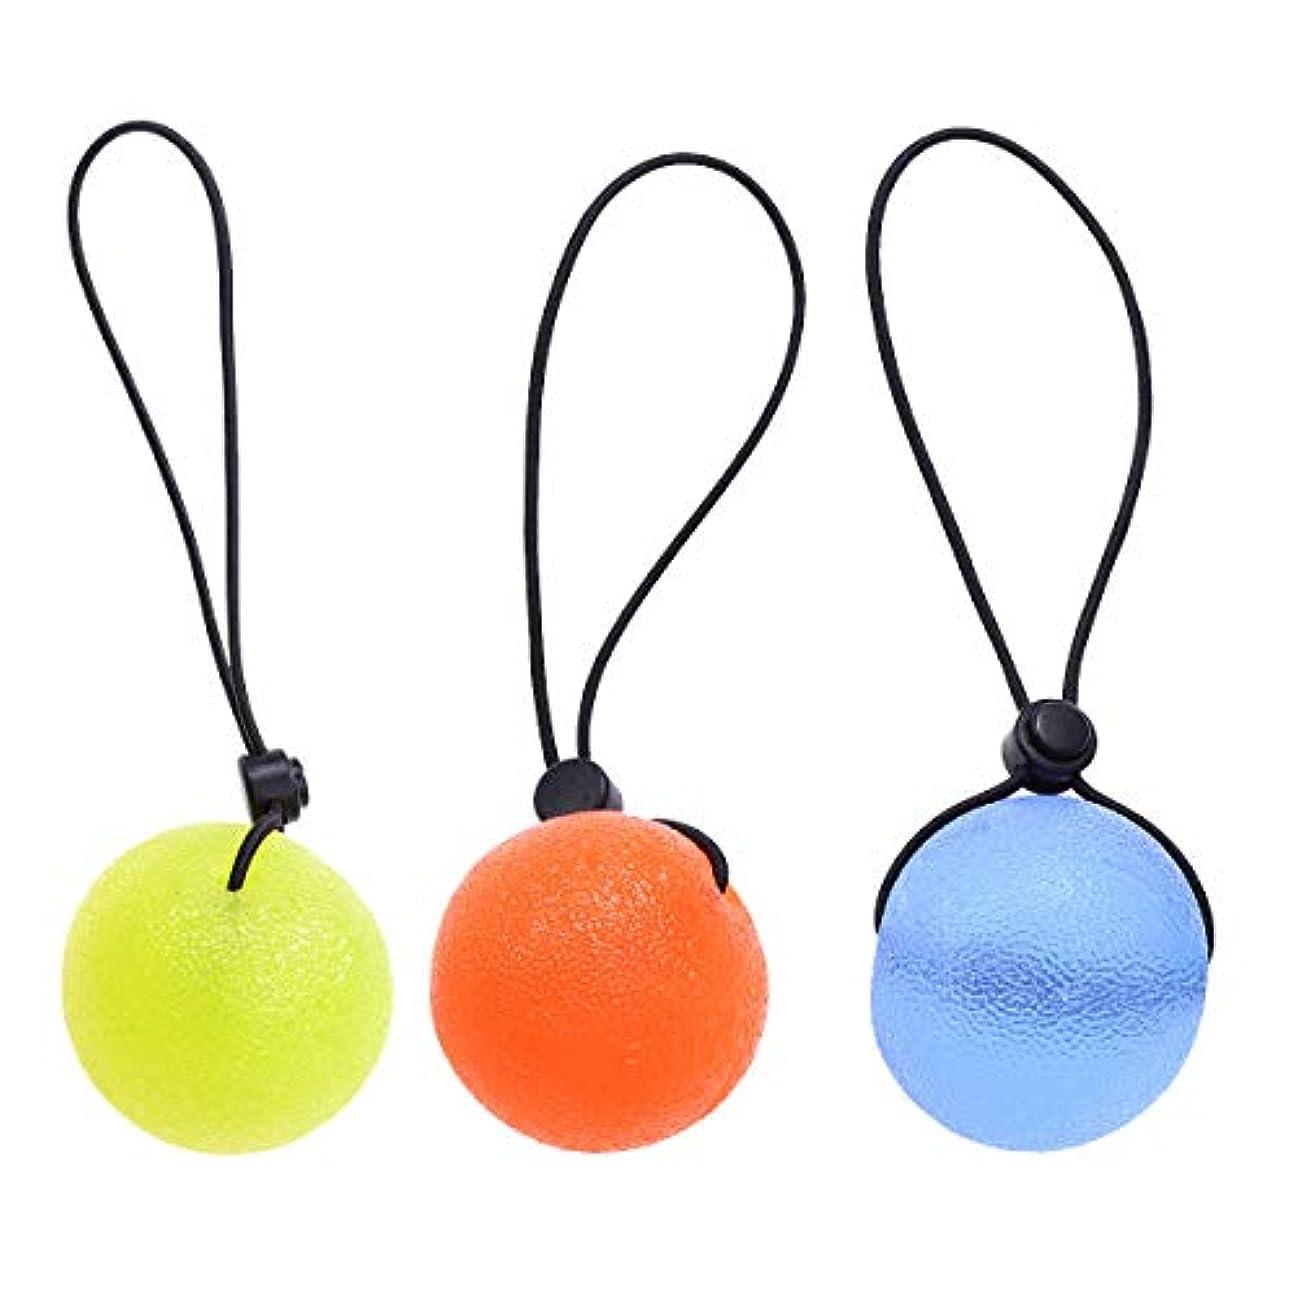 財産カンガルースキニーHEALIFTY ストレスリリーフボール、3本の指グリップボールセラピーエクササイズスクイズ卵ストレスボールストリングフィットネス機器(ランダムカラー)